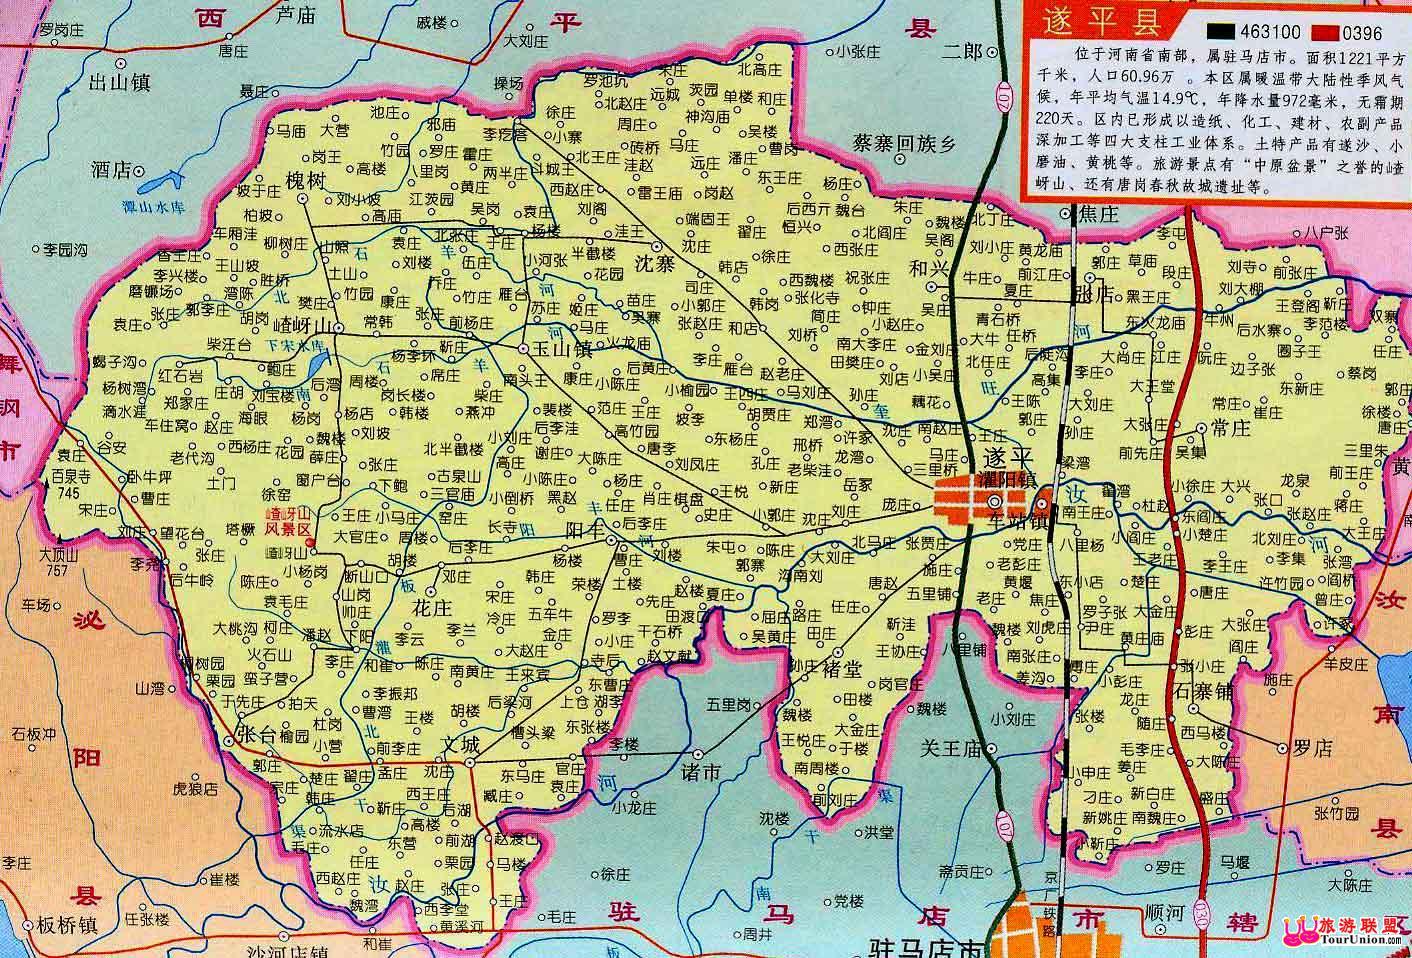 """嵖岈山人文史迹星罗棋布,自然景观枚不胜举,有九大奇观、九大名峰、九大名洞、九大名湖,各类景点300多处,著名景点60多处,具有奇、险、奥、幽四大特点,是山水景观中的精品、珍品、绝品,享有""""中华盆景""""、""""西游之源""""之美誉。[旅游联盟2015-3-25提供:旅游资源大全,免费旅游交易平台,旅游社区,旅游软件,www."""